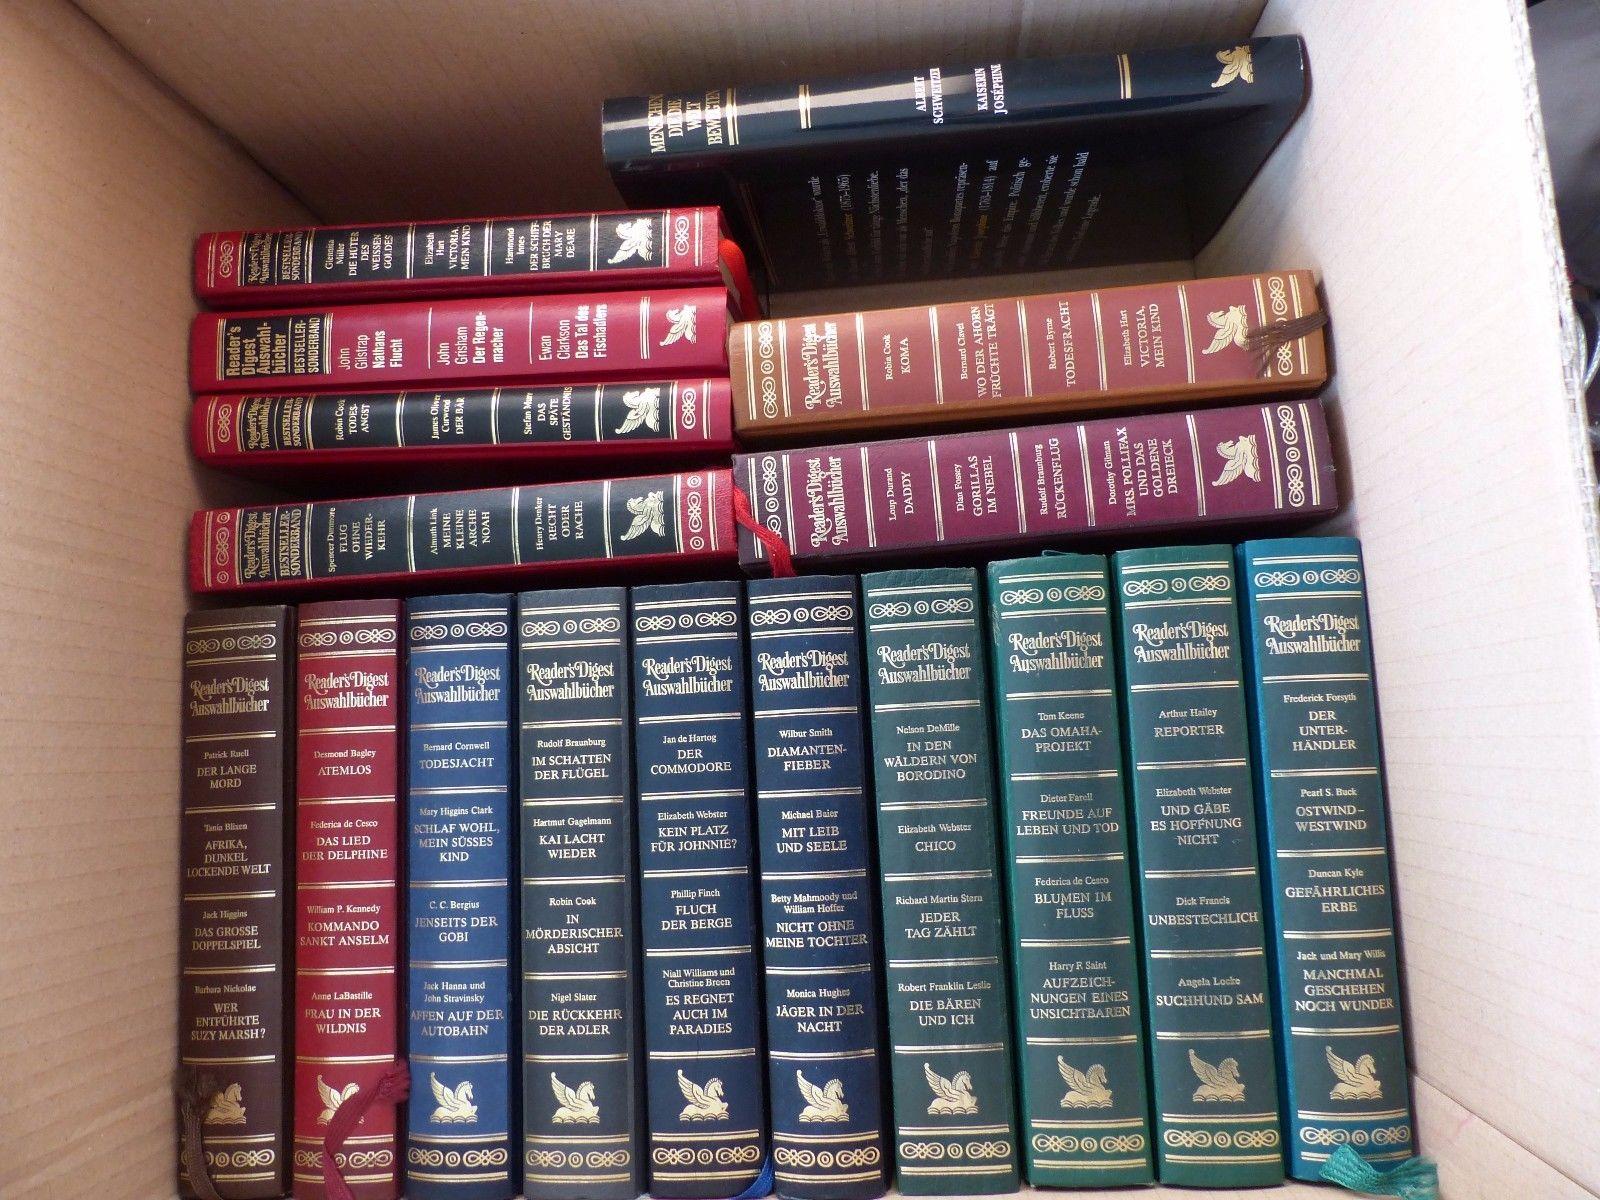 Readers Digest Auswahlbücher - 25 Bände - auch Versand möglich